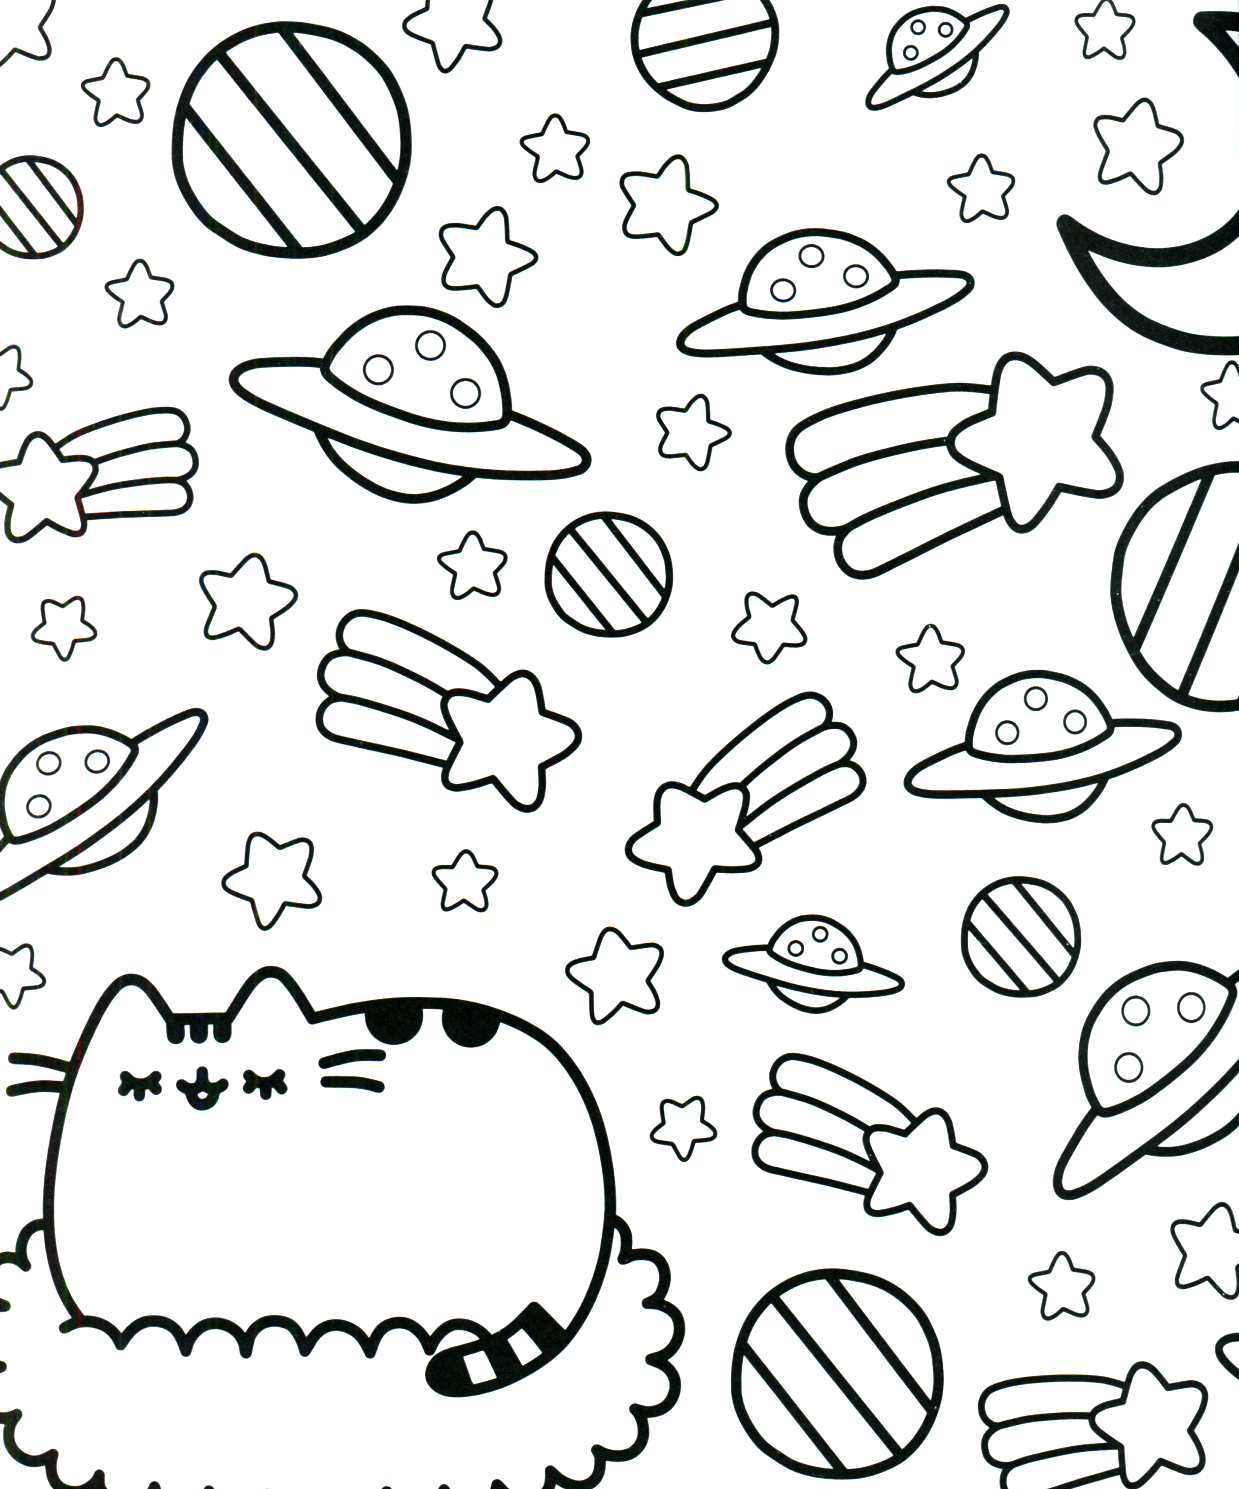 Pusheen Coloring Book Pusheen Pusheen The Cat Pusheen Coloring Pages Planet Coloring Pages Cat Coloring Page